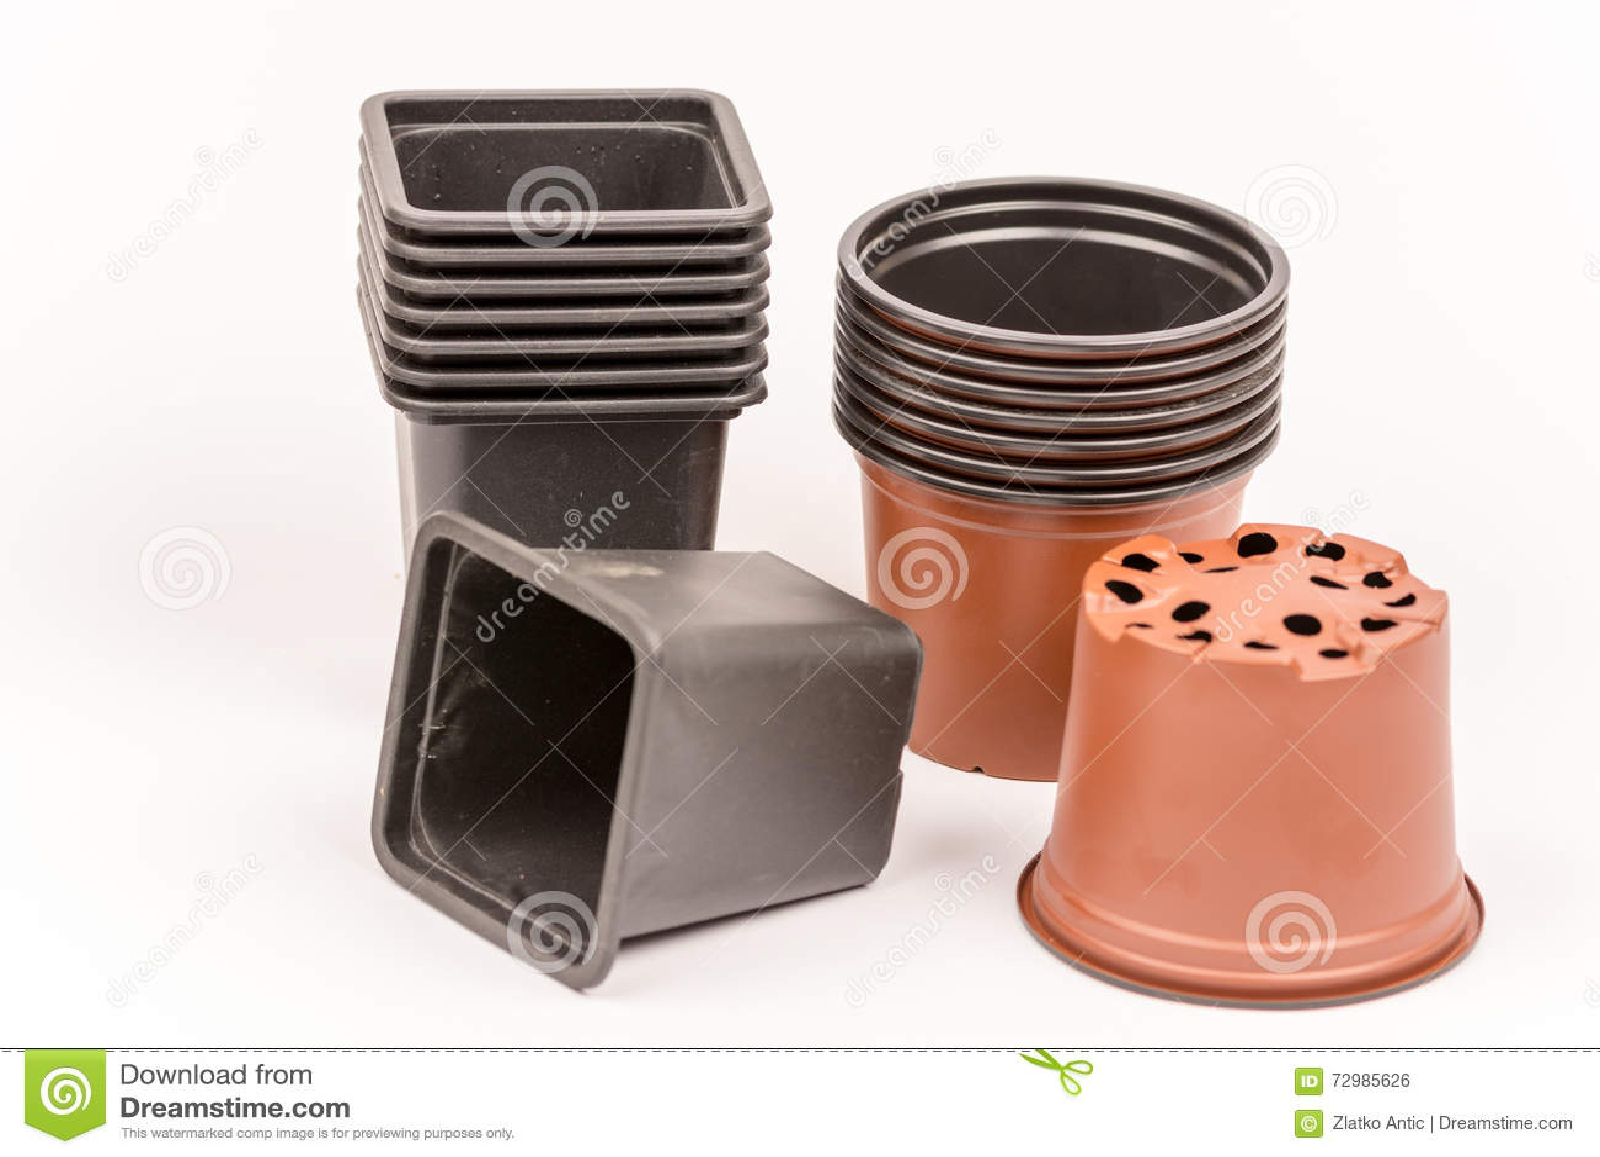 Vasi Neri In Plastica.Vasi Da Fiori Di Plastica Neri Ed Arancio Fotografia Stock